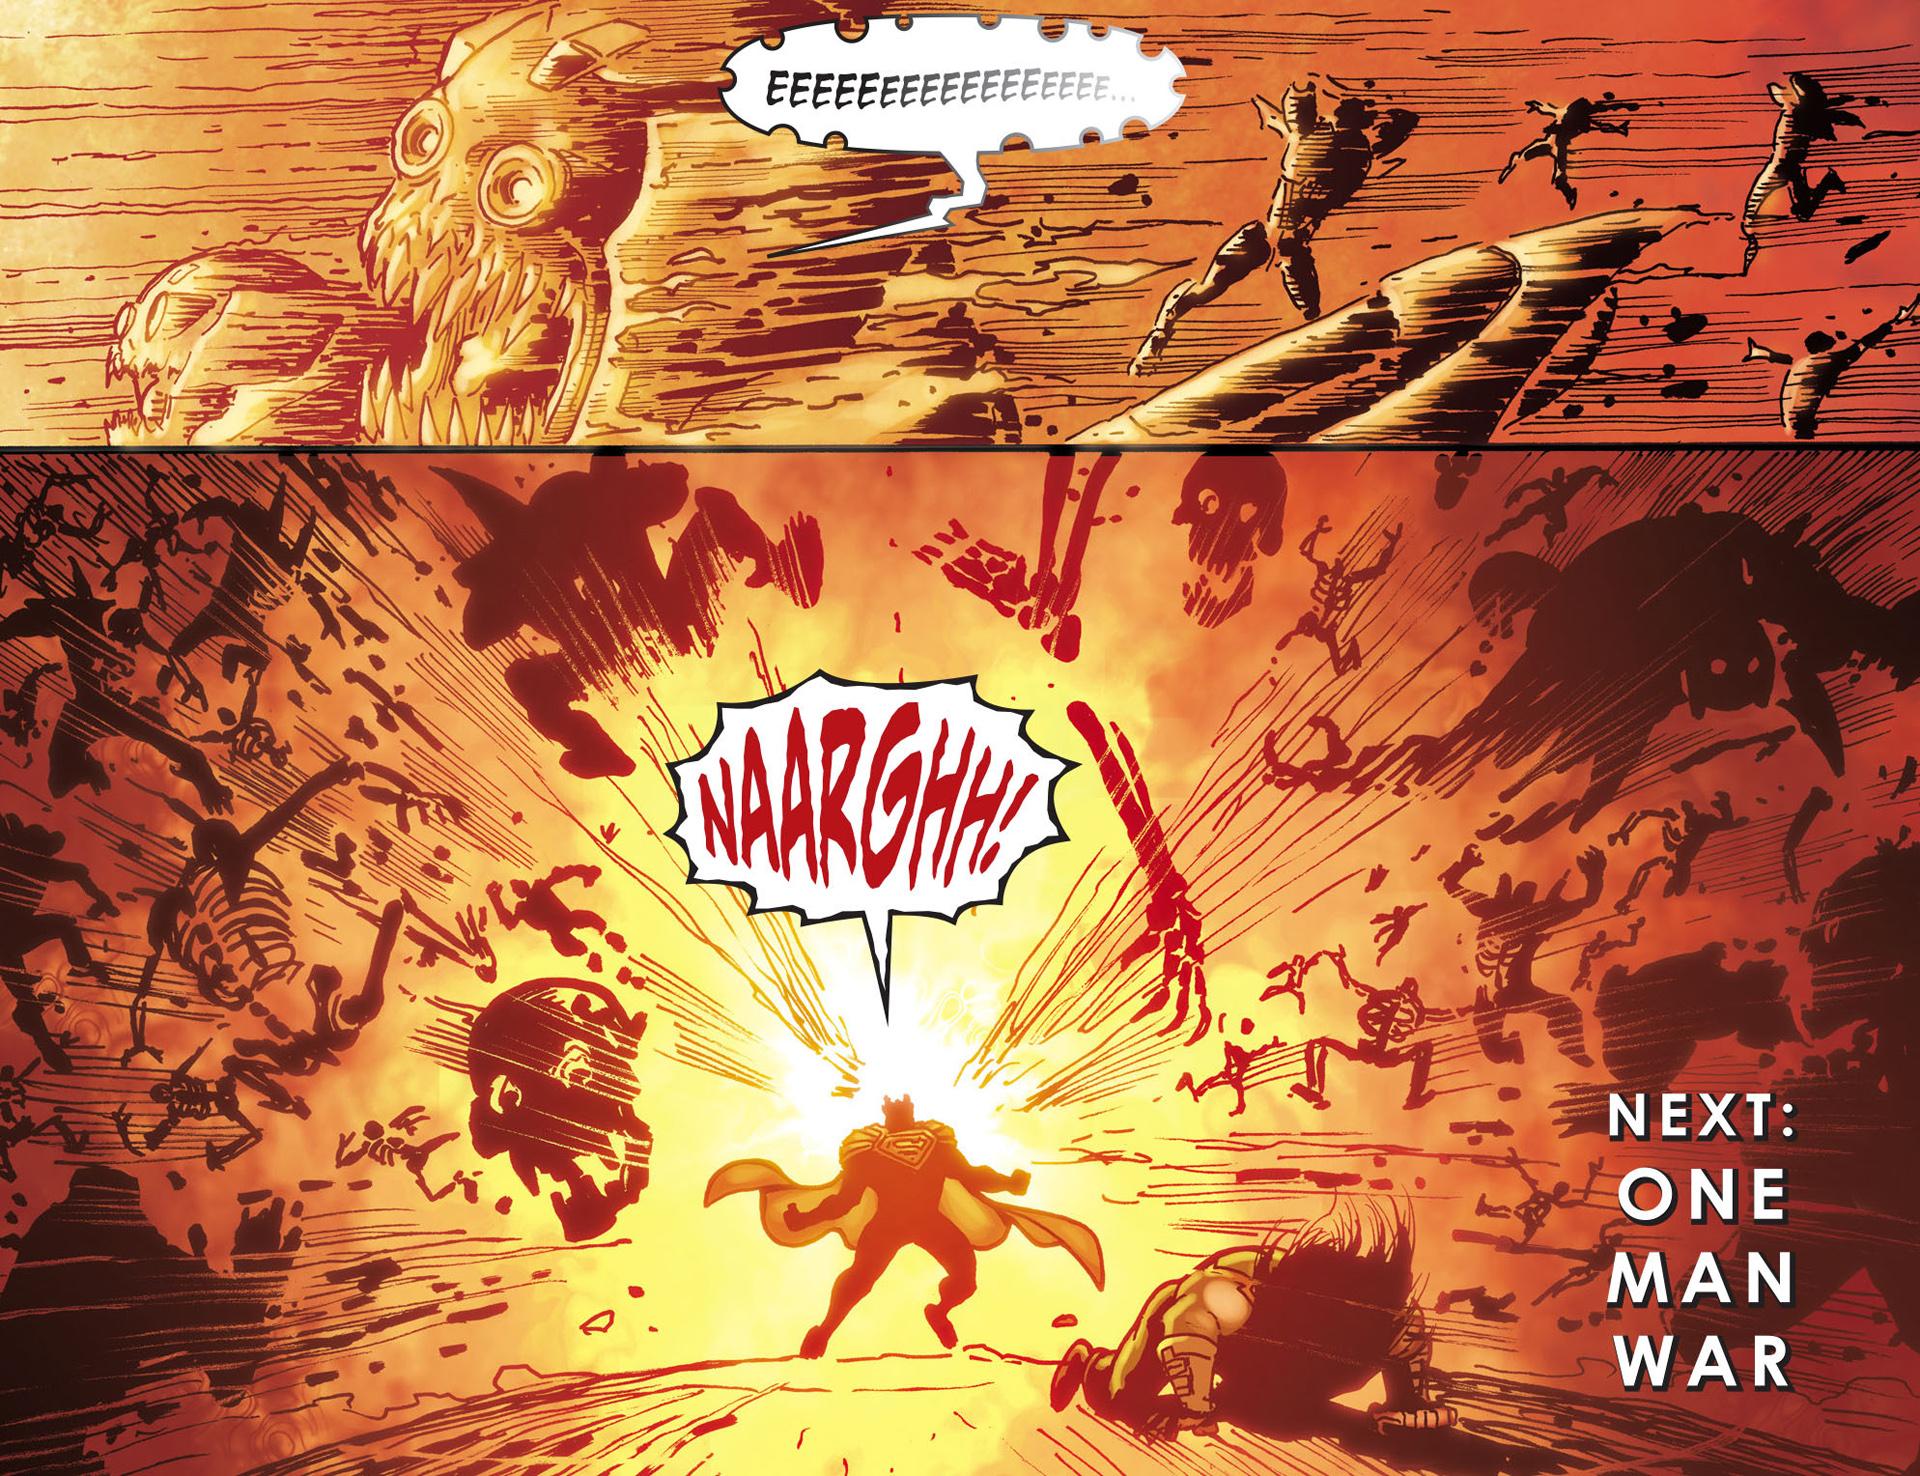 Injustice: Gods Among Us [I] 23 Page 22